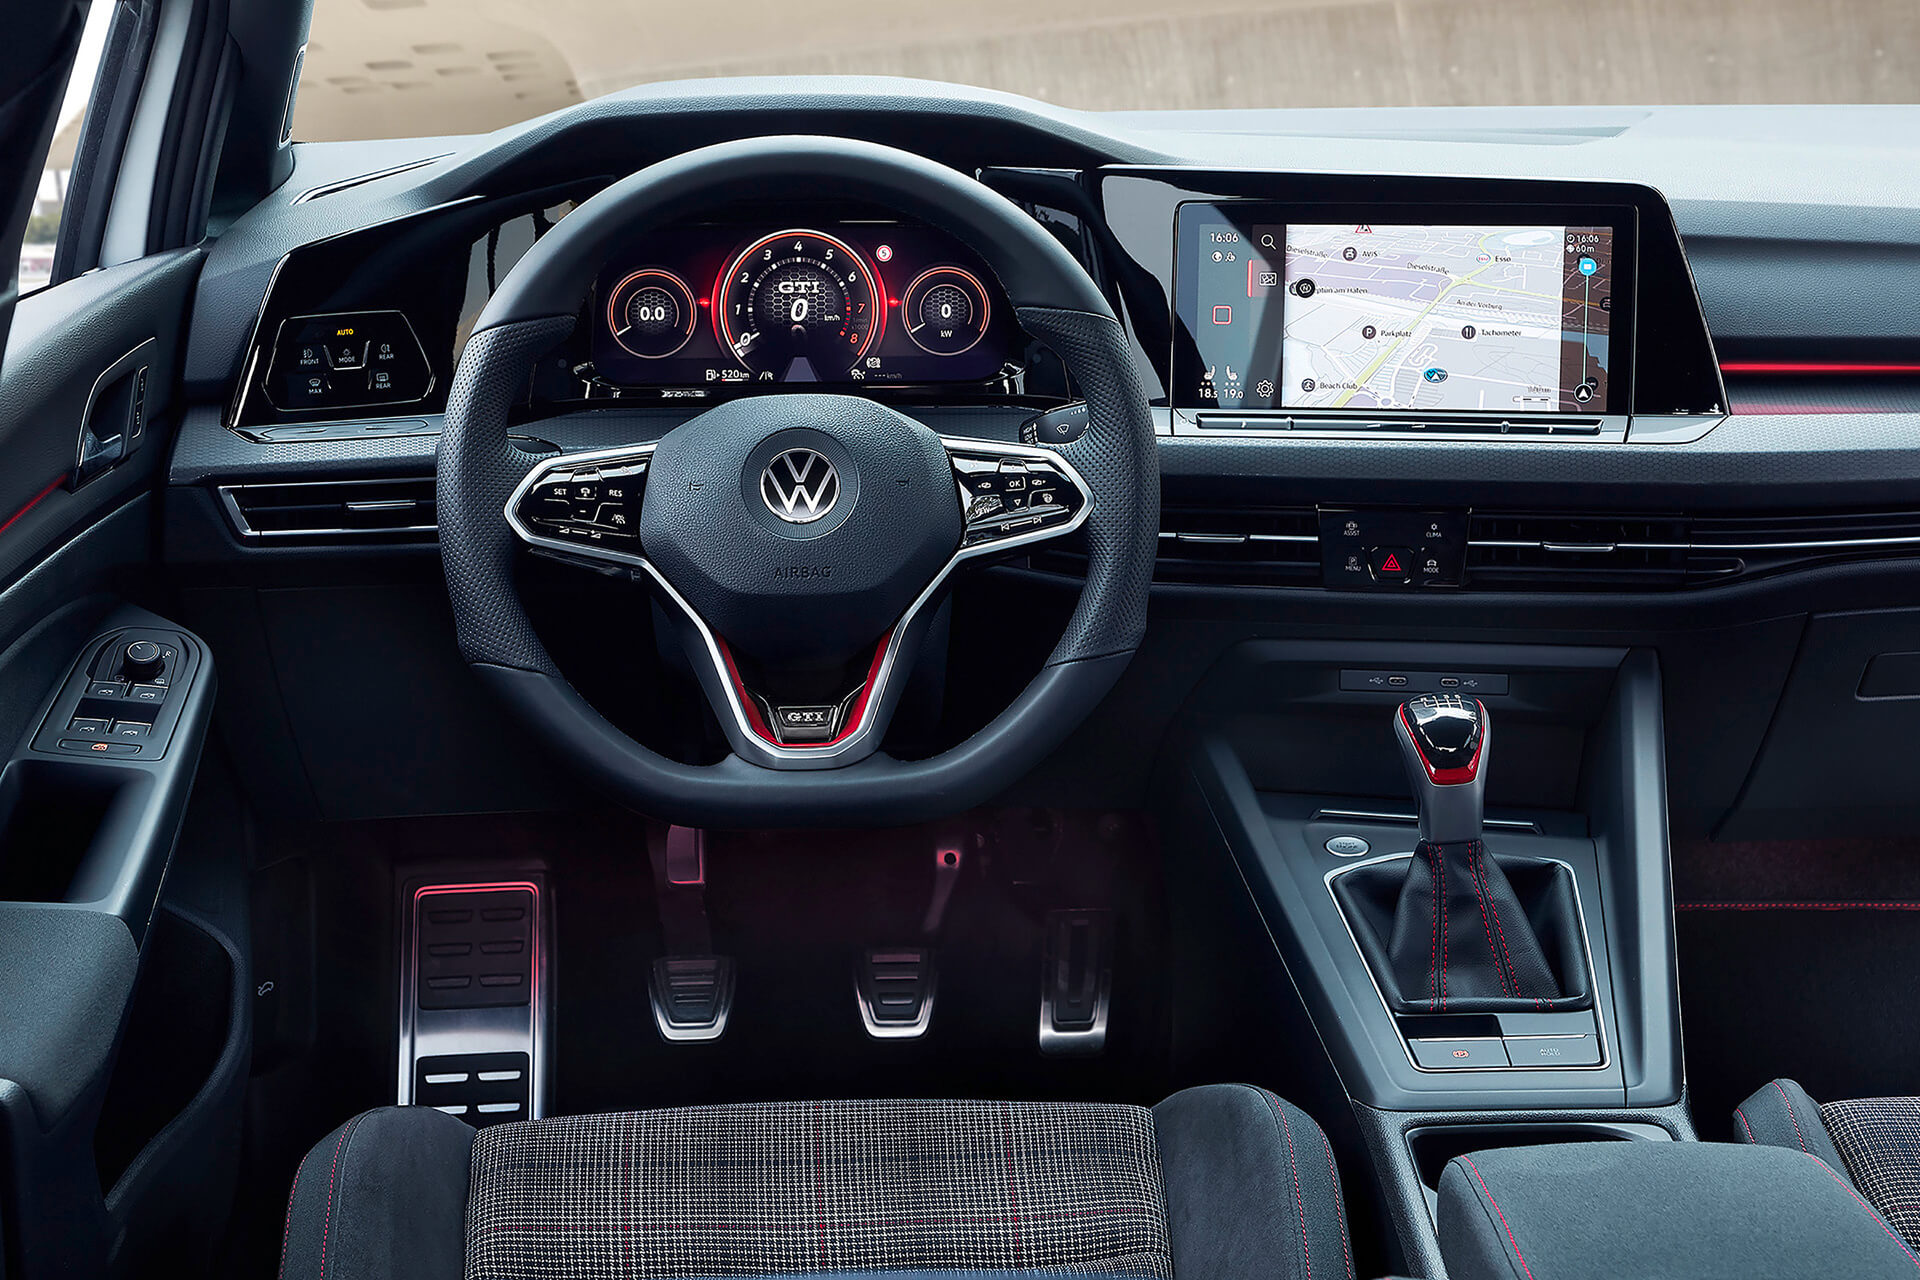 Νέο Volkswagen Golf GTI - Εσωτερικό